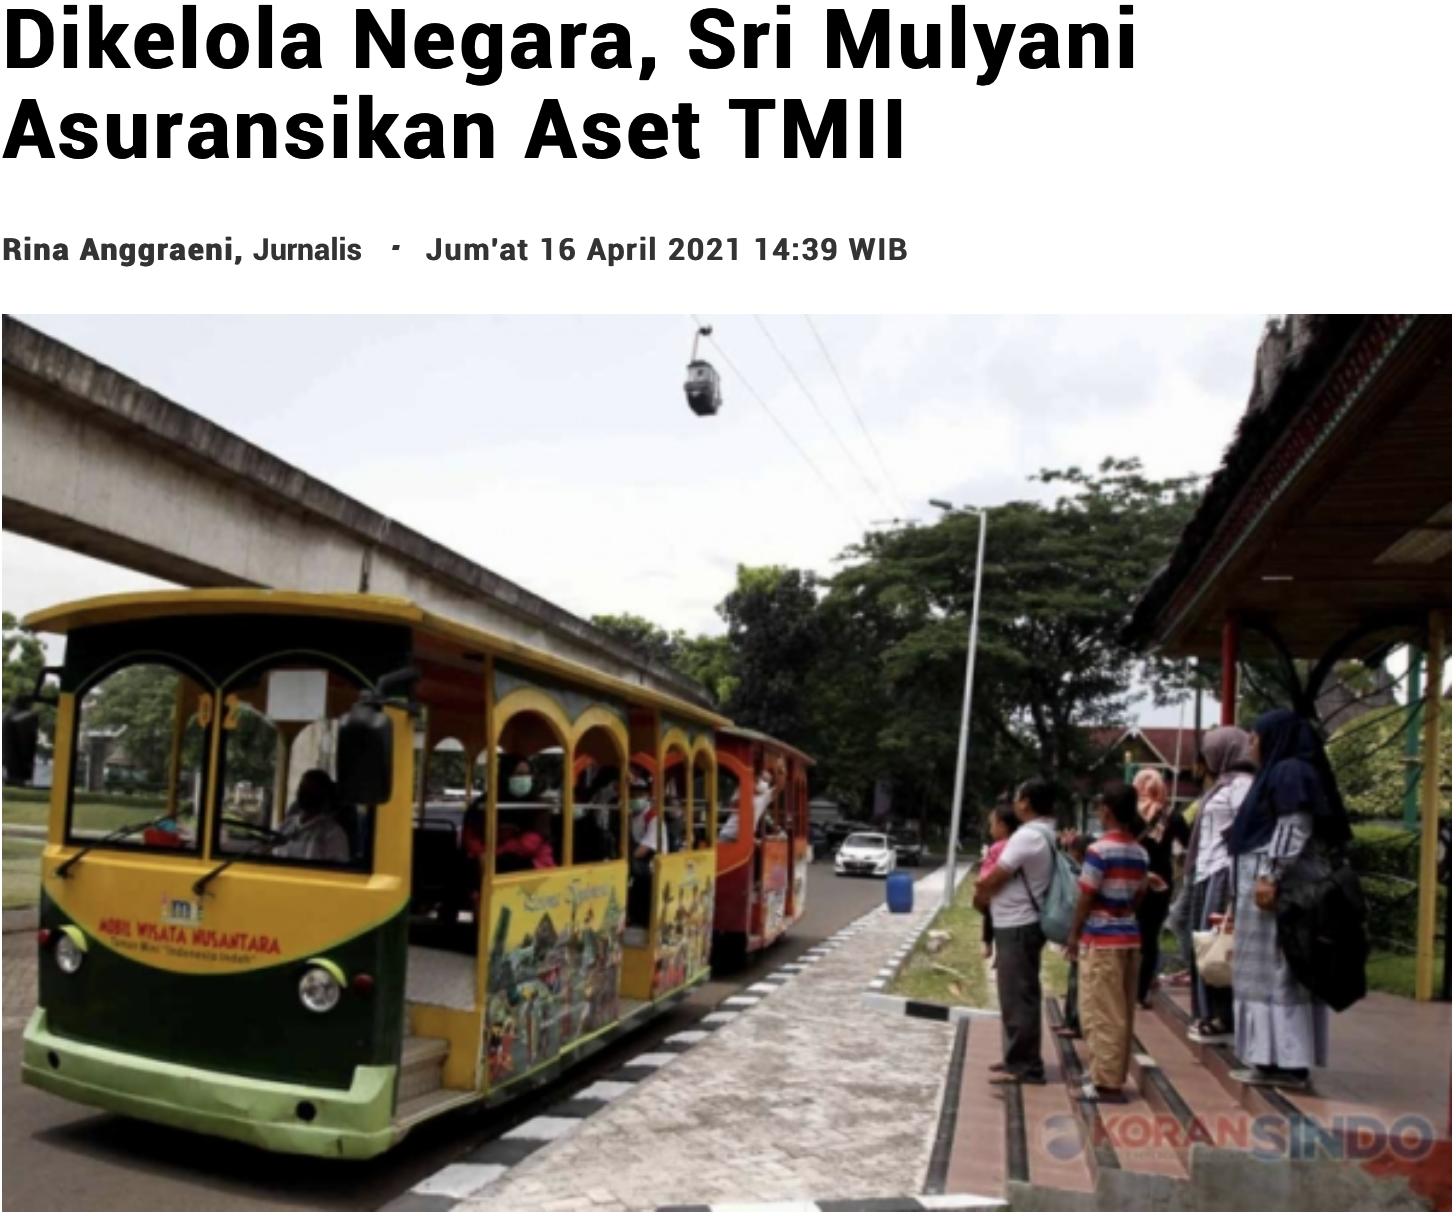 Dikelola Negara, Sri Mulyani Asuransikan Aset TMII